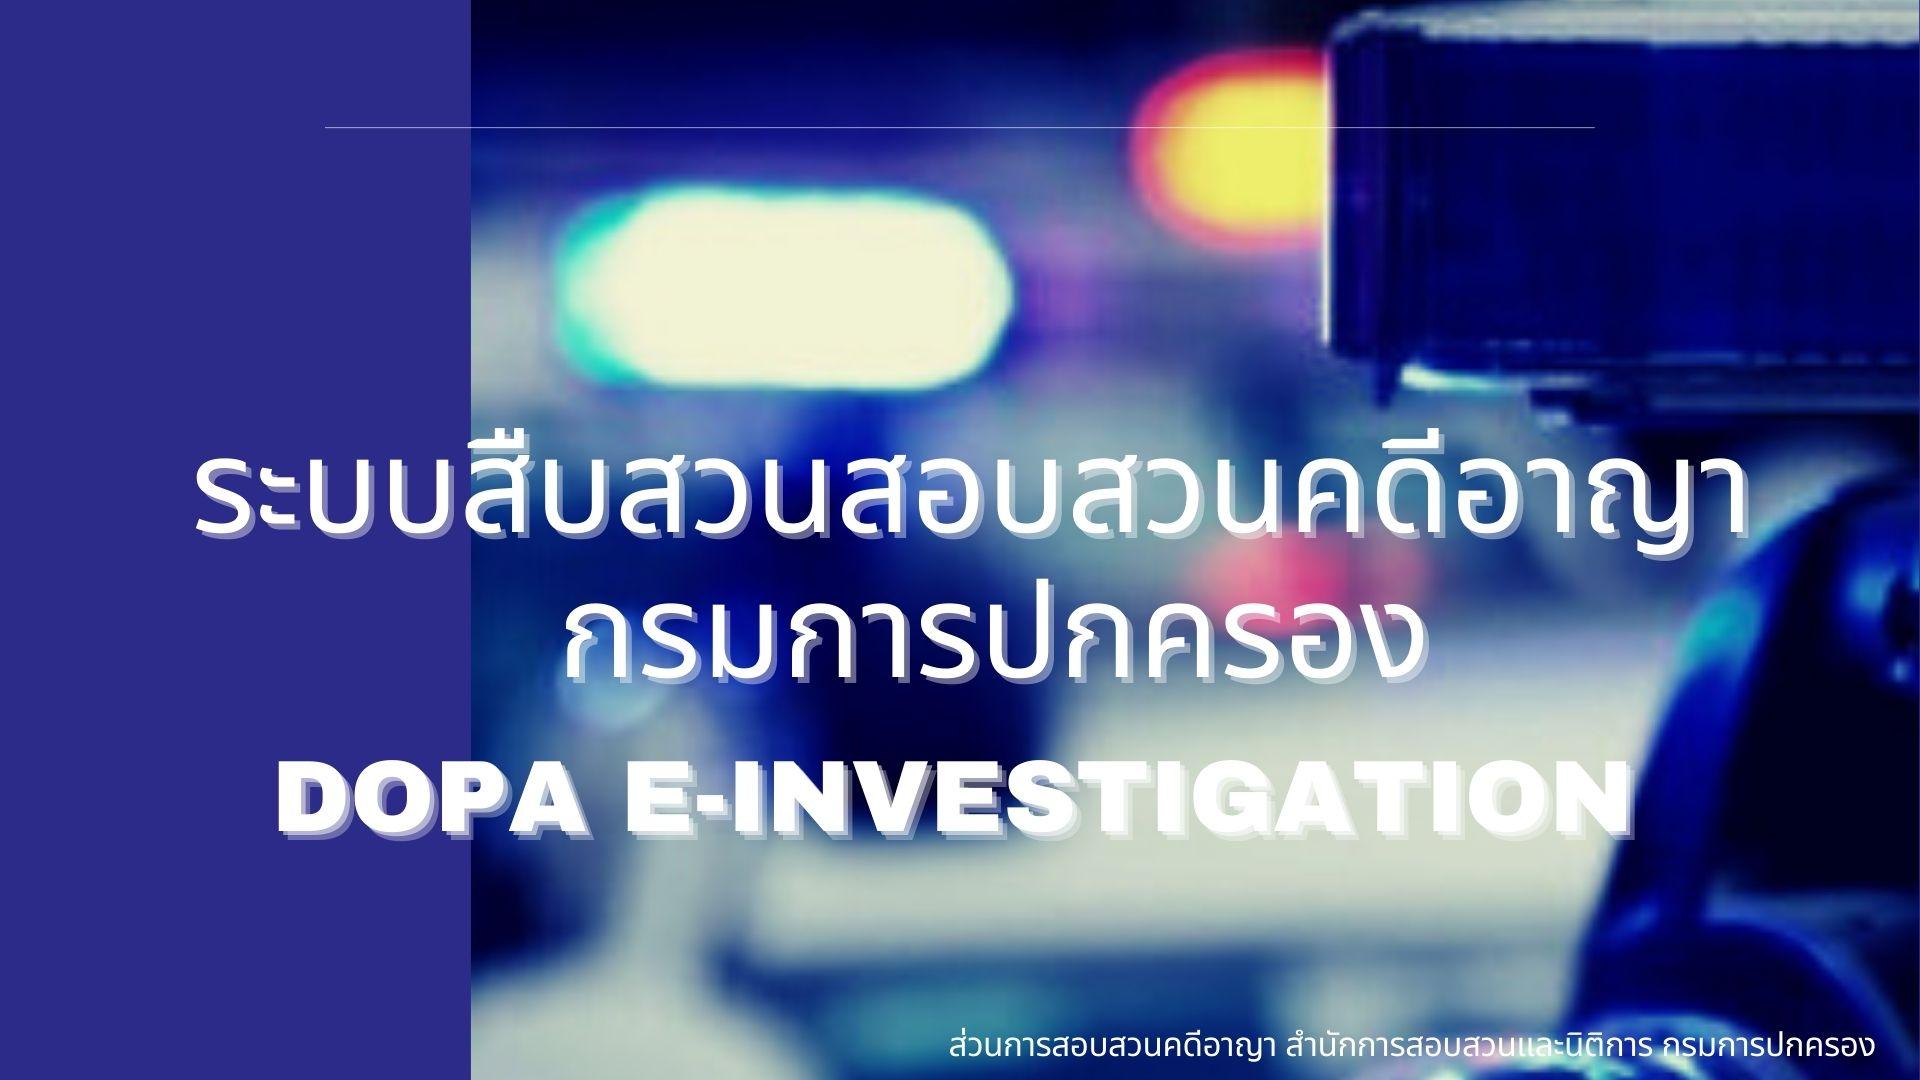 ระบบรายงานการสืบสวนสอบสวนคดีอาญา กรมการปกครอง